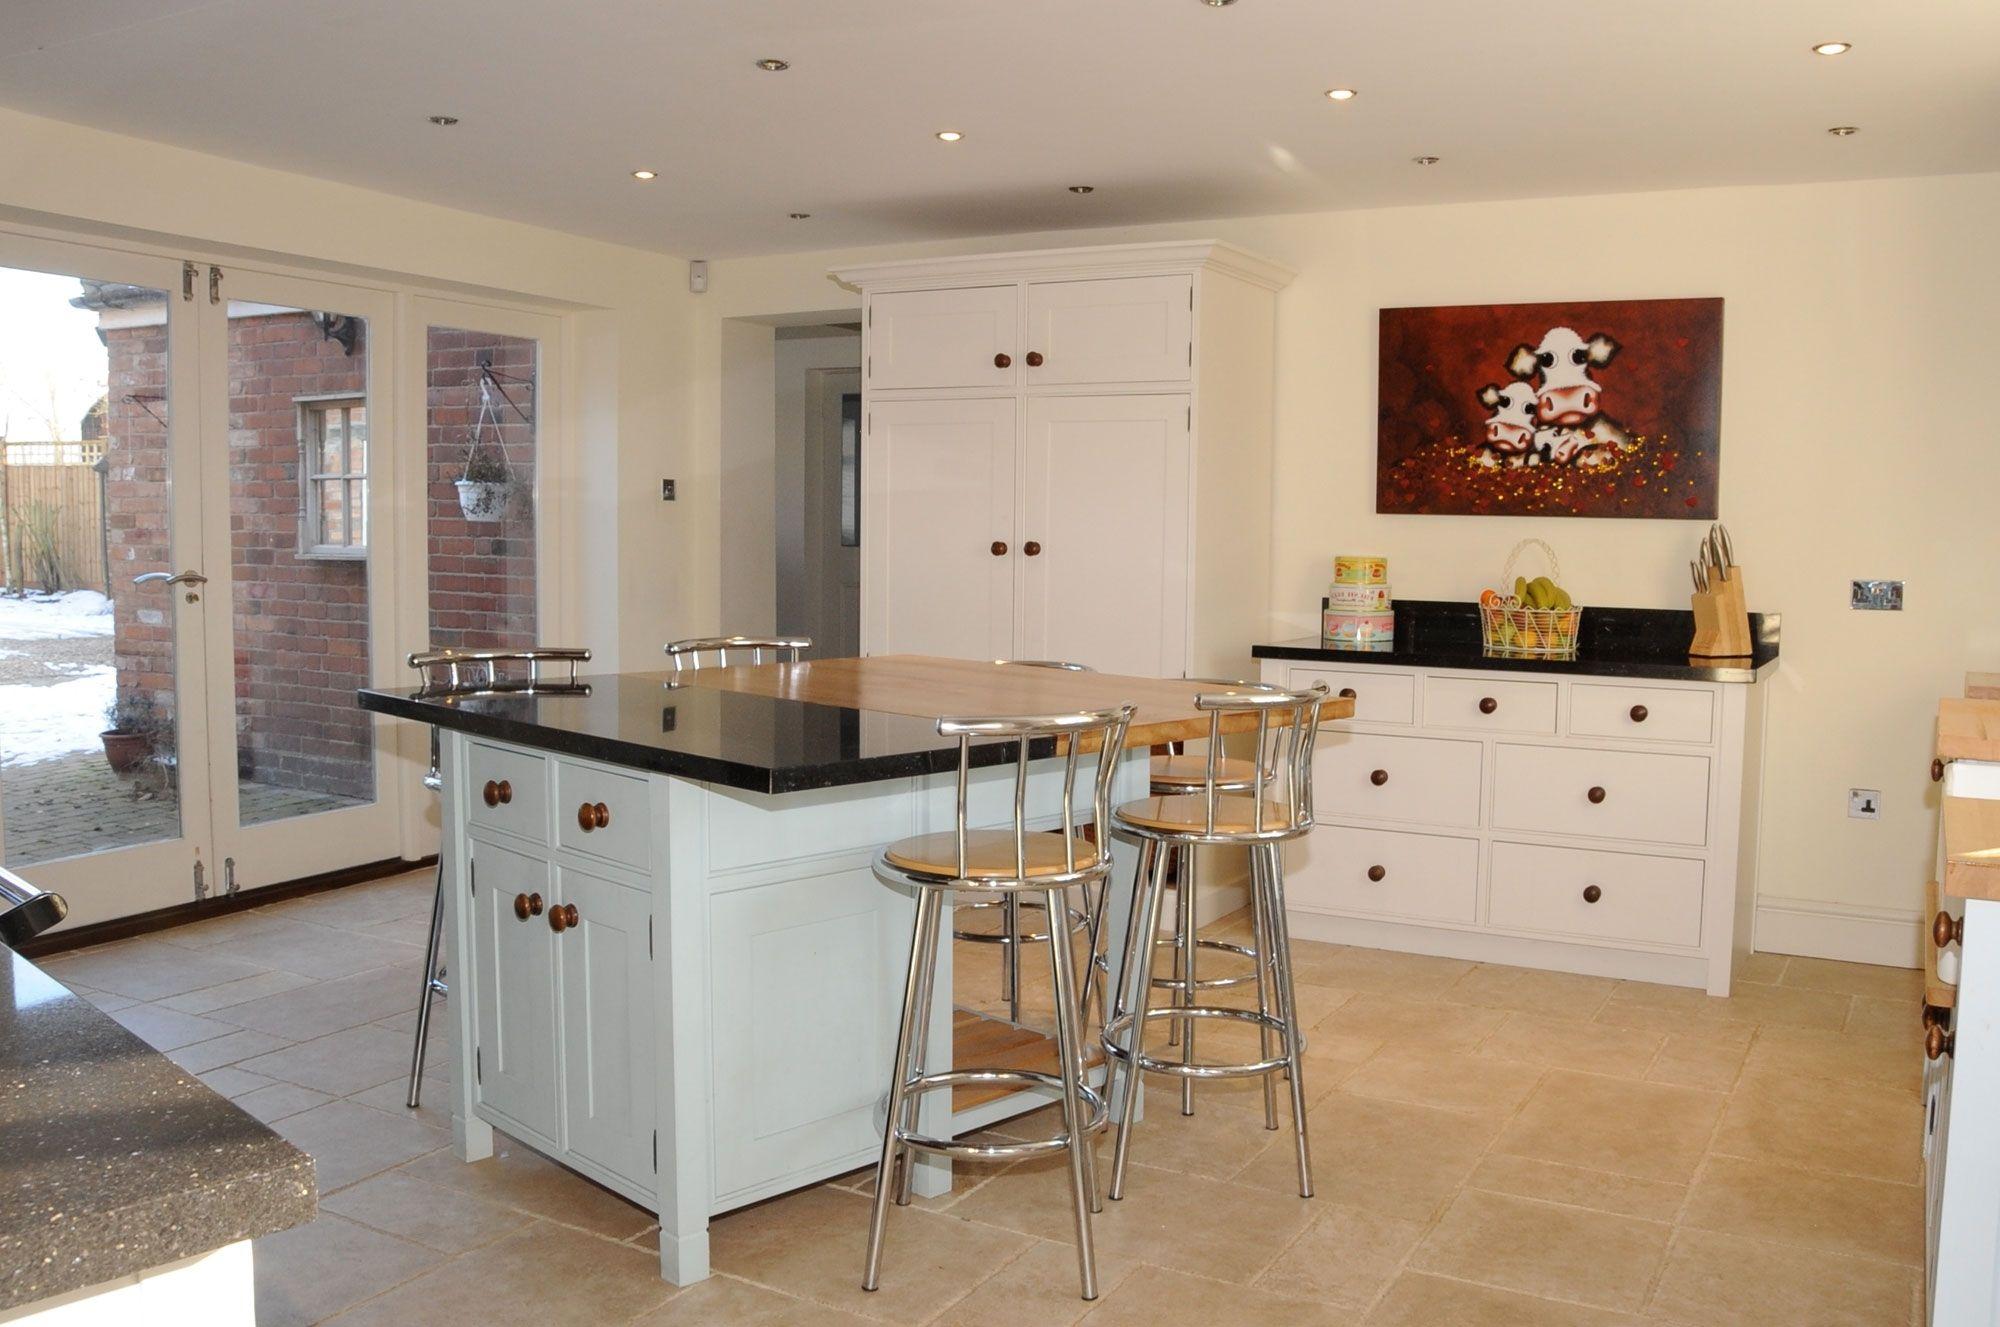 Freistehende Küche Inseln Mit Sitzgelegenheiten - Küchen ...